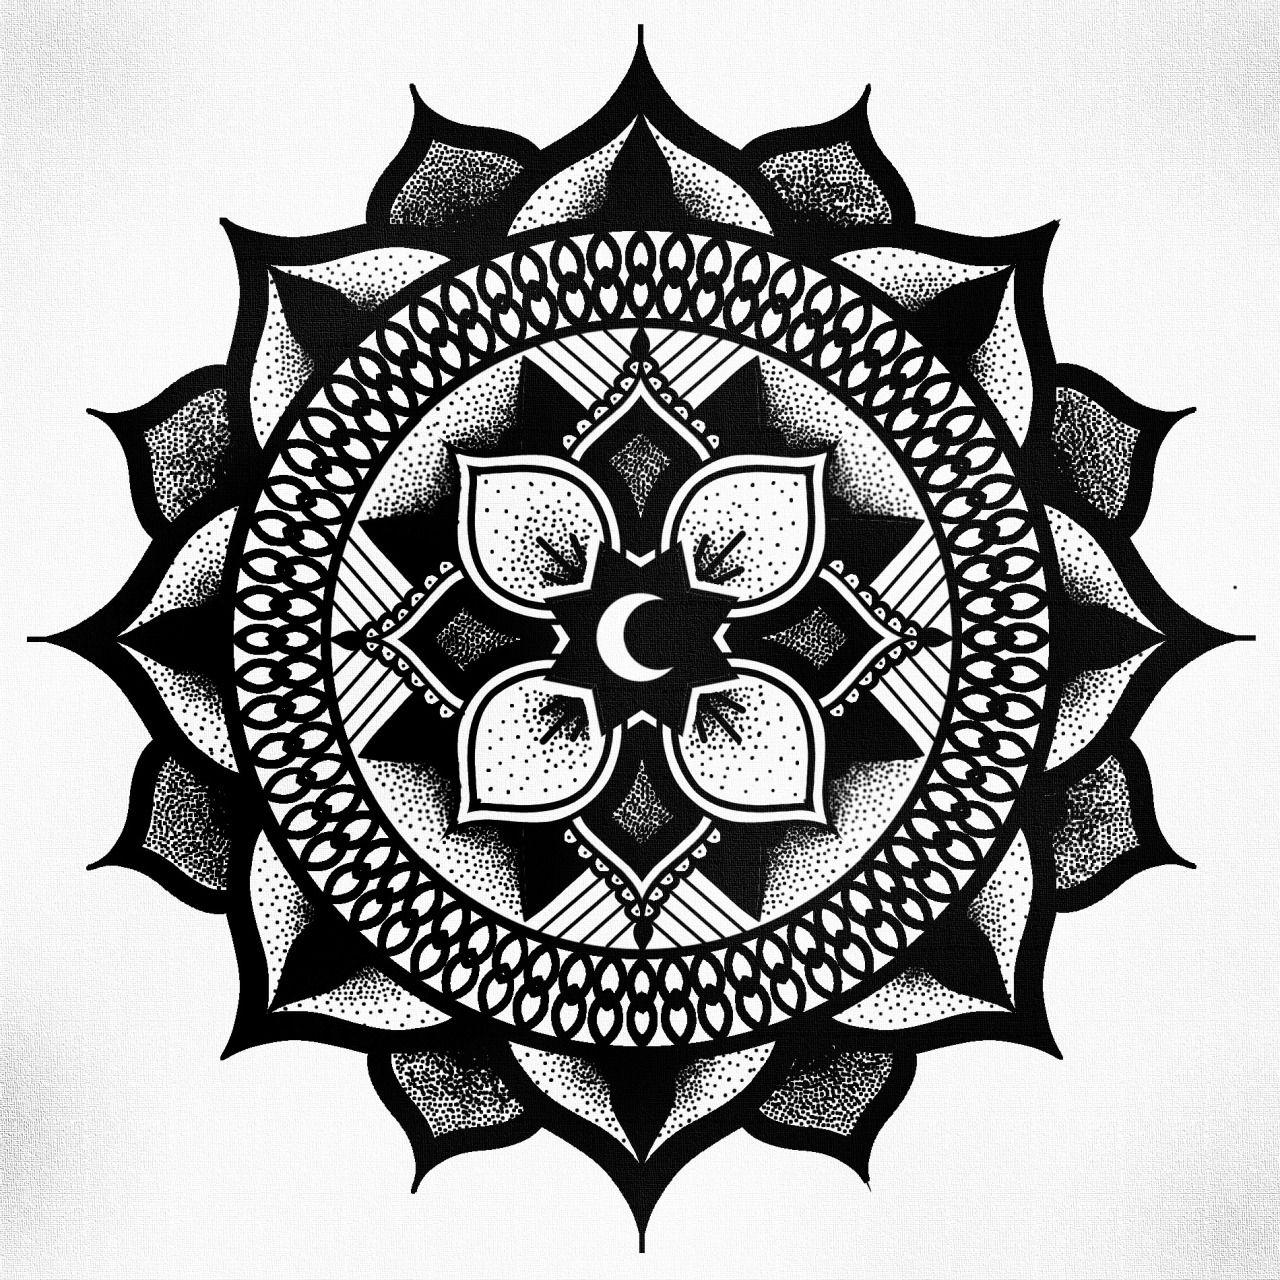 STANLEY DUKE tattoo design tattoos illustration dotwork linework ...